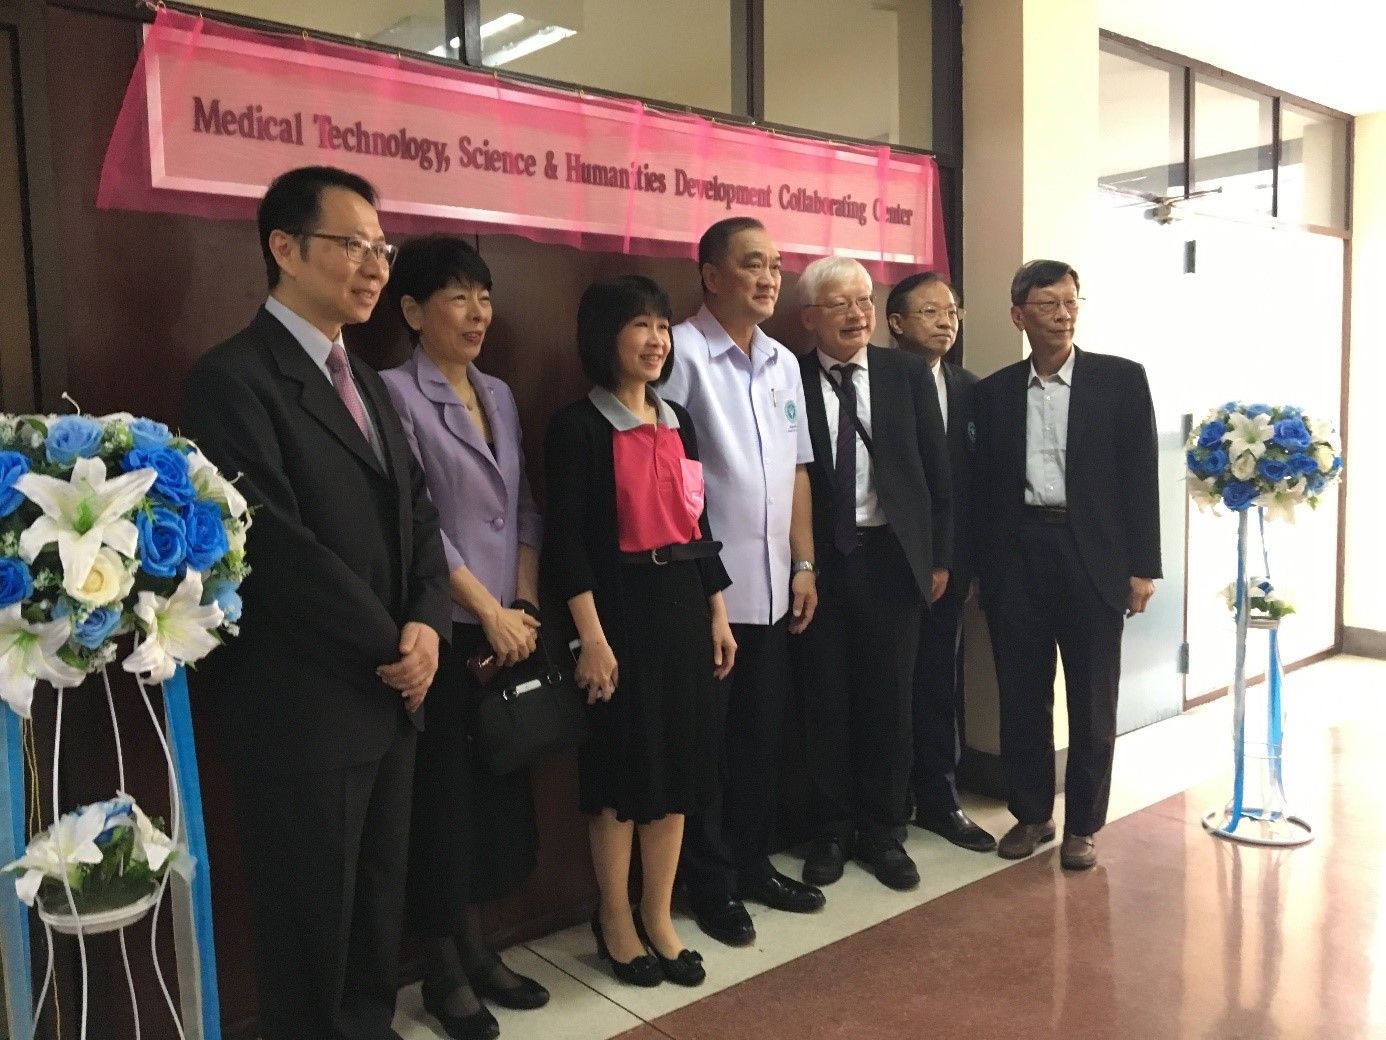 奠定科技部臺泰海外科研中心的基石-臺灣醫療經驗的南向之旅的標題圖片